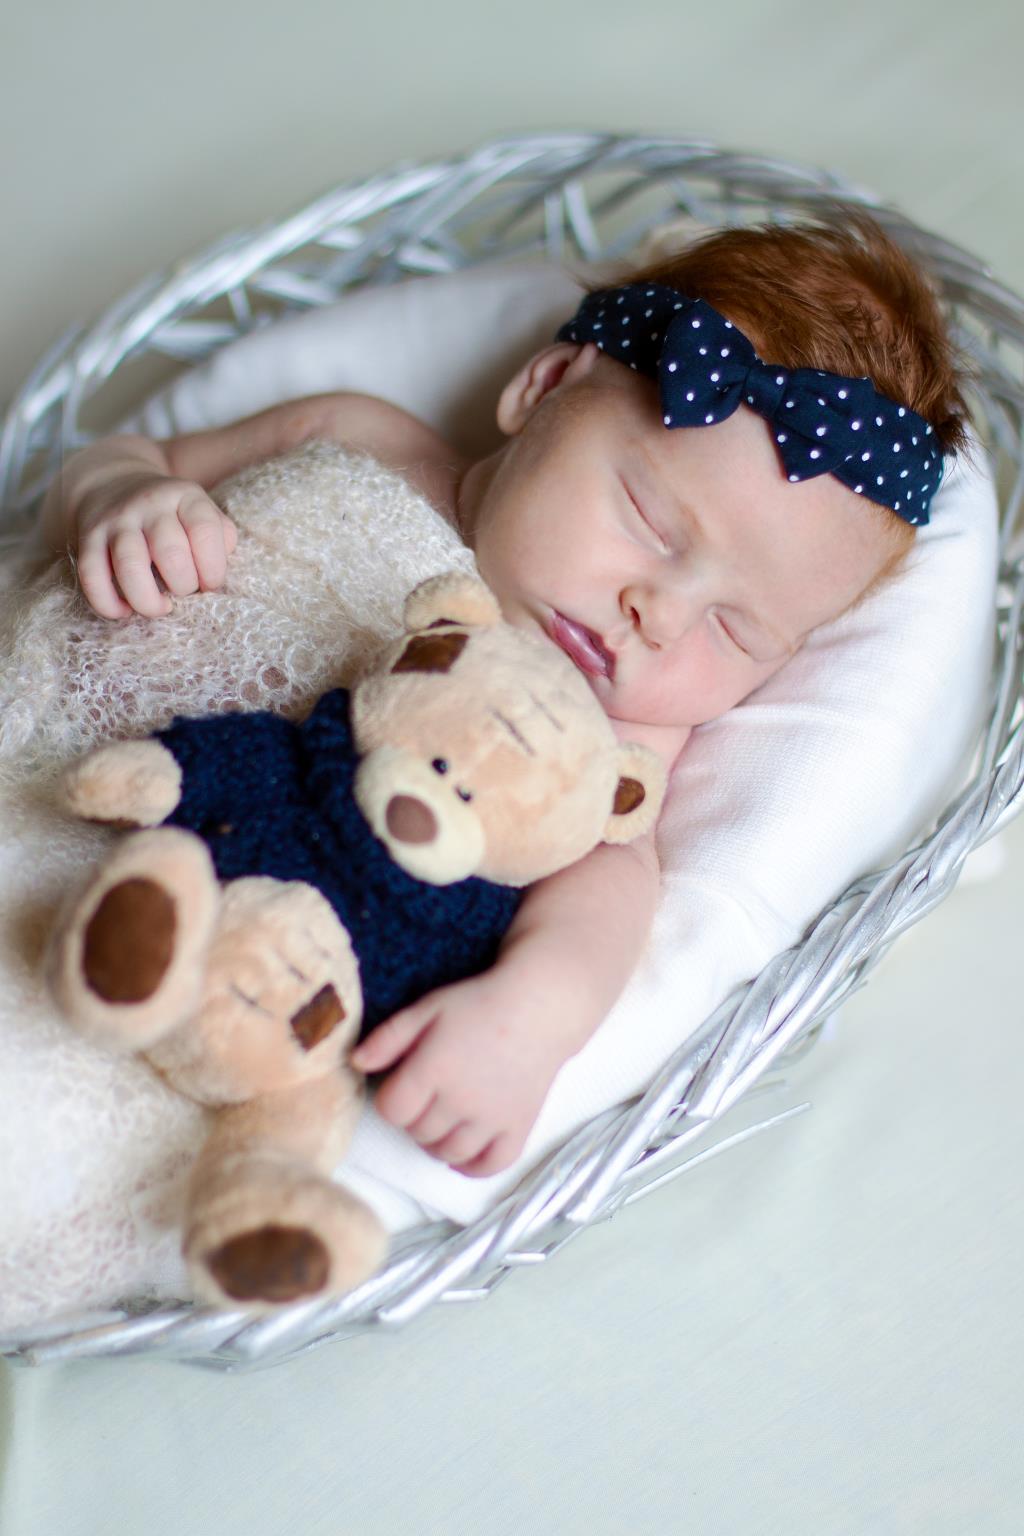 Самые сладкие сновидения. Спокойной ночи! Кто спит слаще всего?